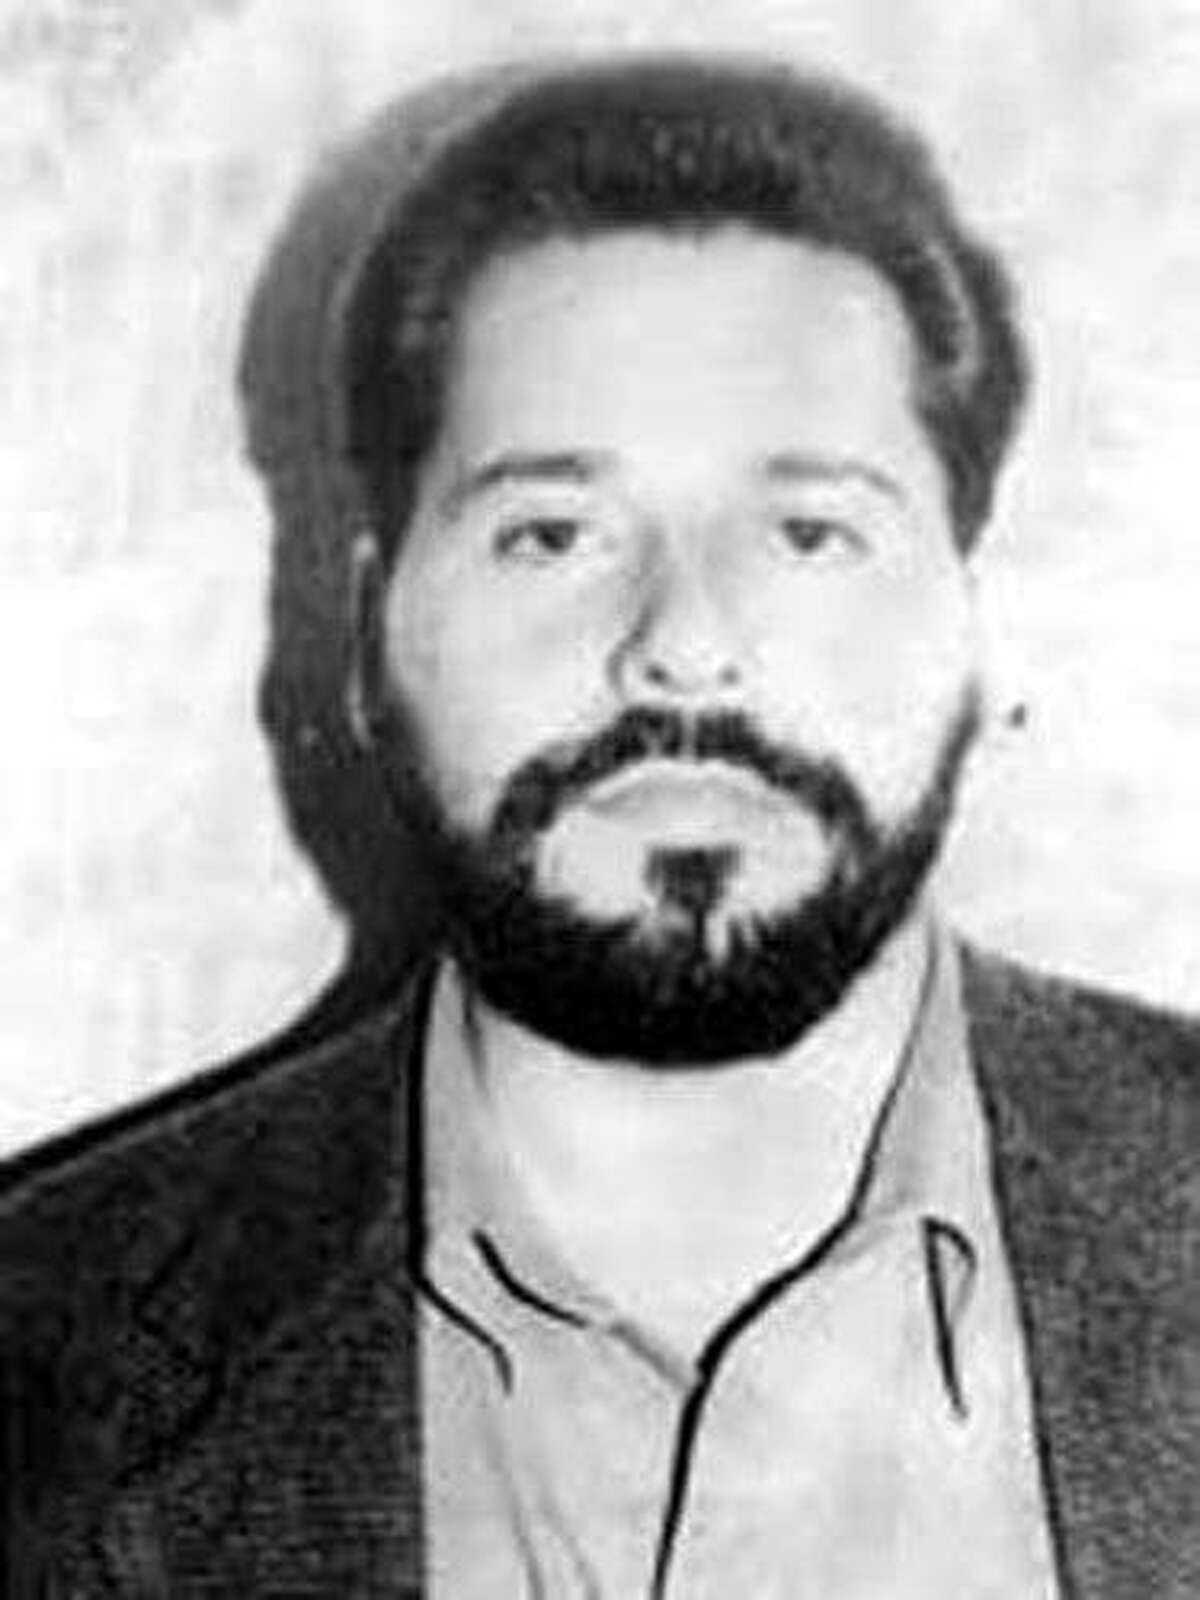 Ignacio Coronel Villareal